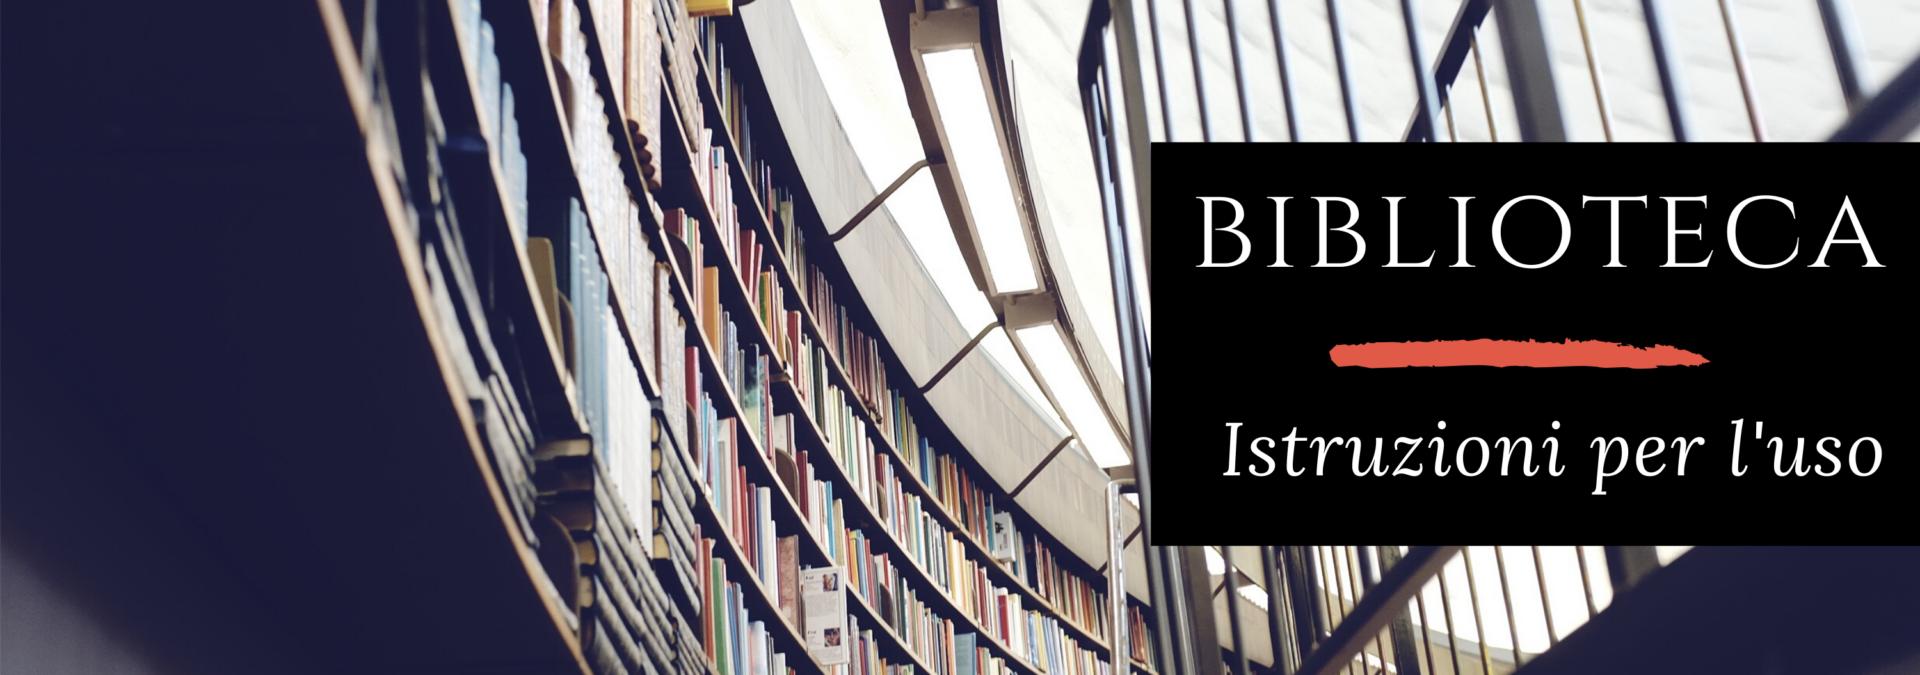 Biblioteca – Istruzioni per l'uso